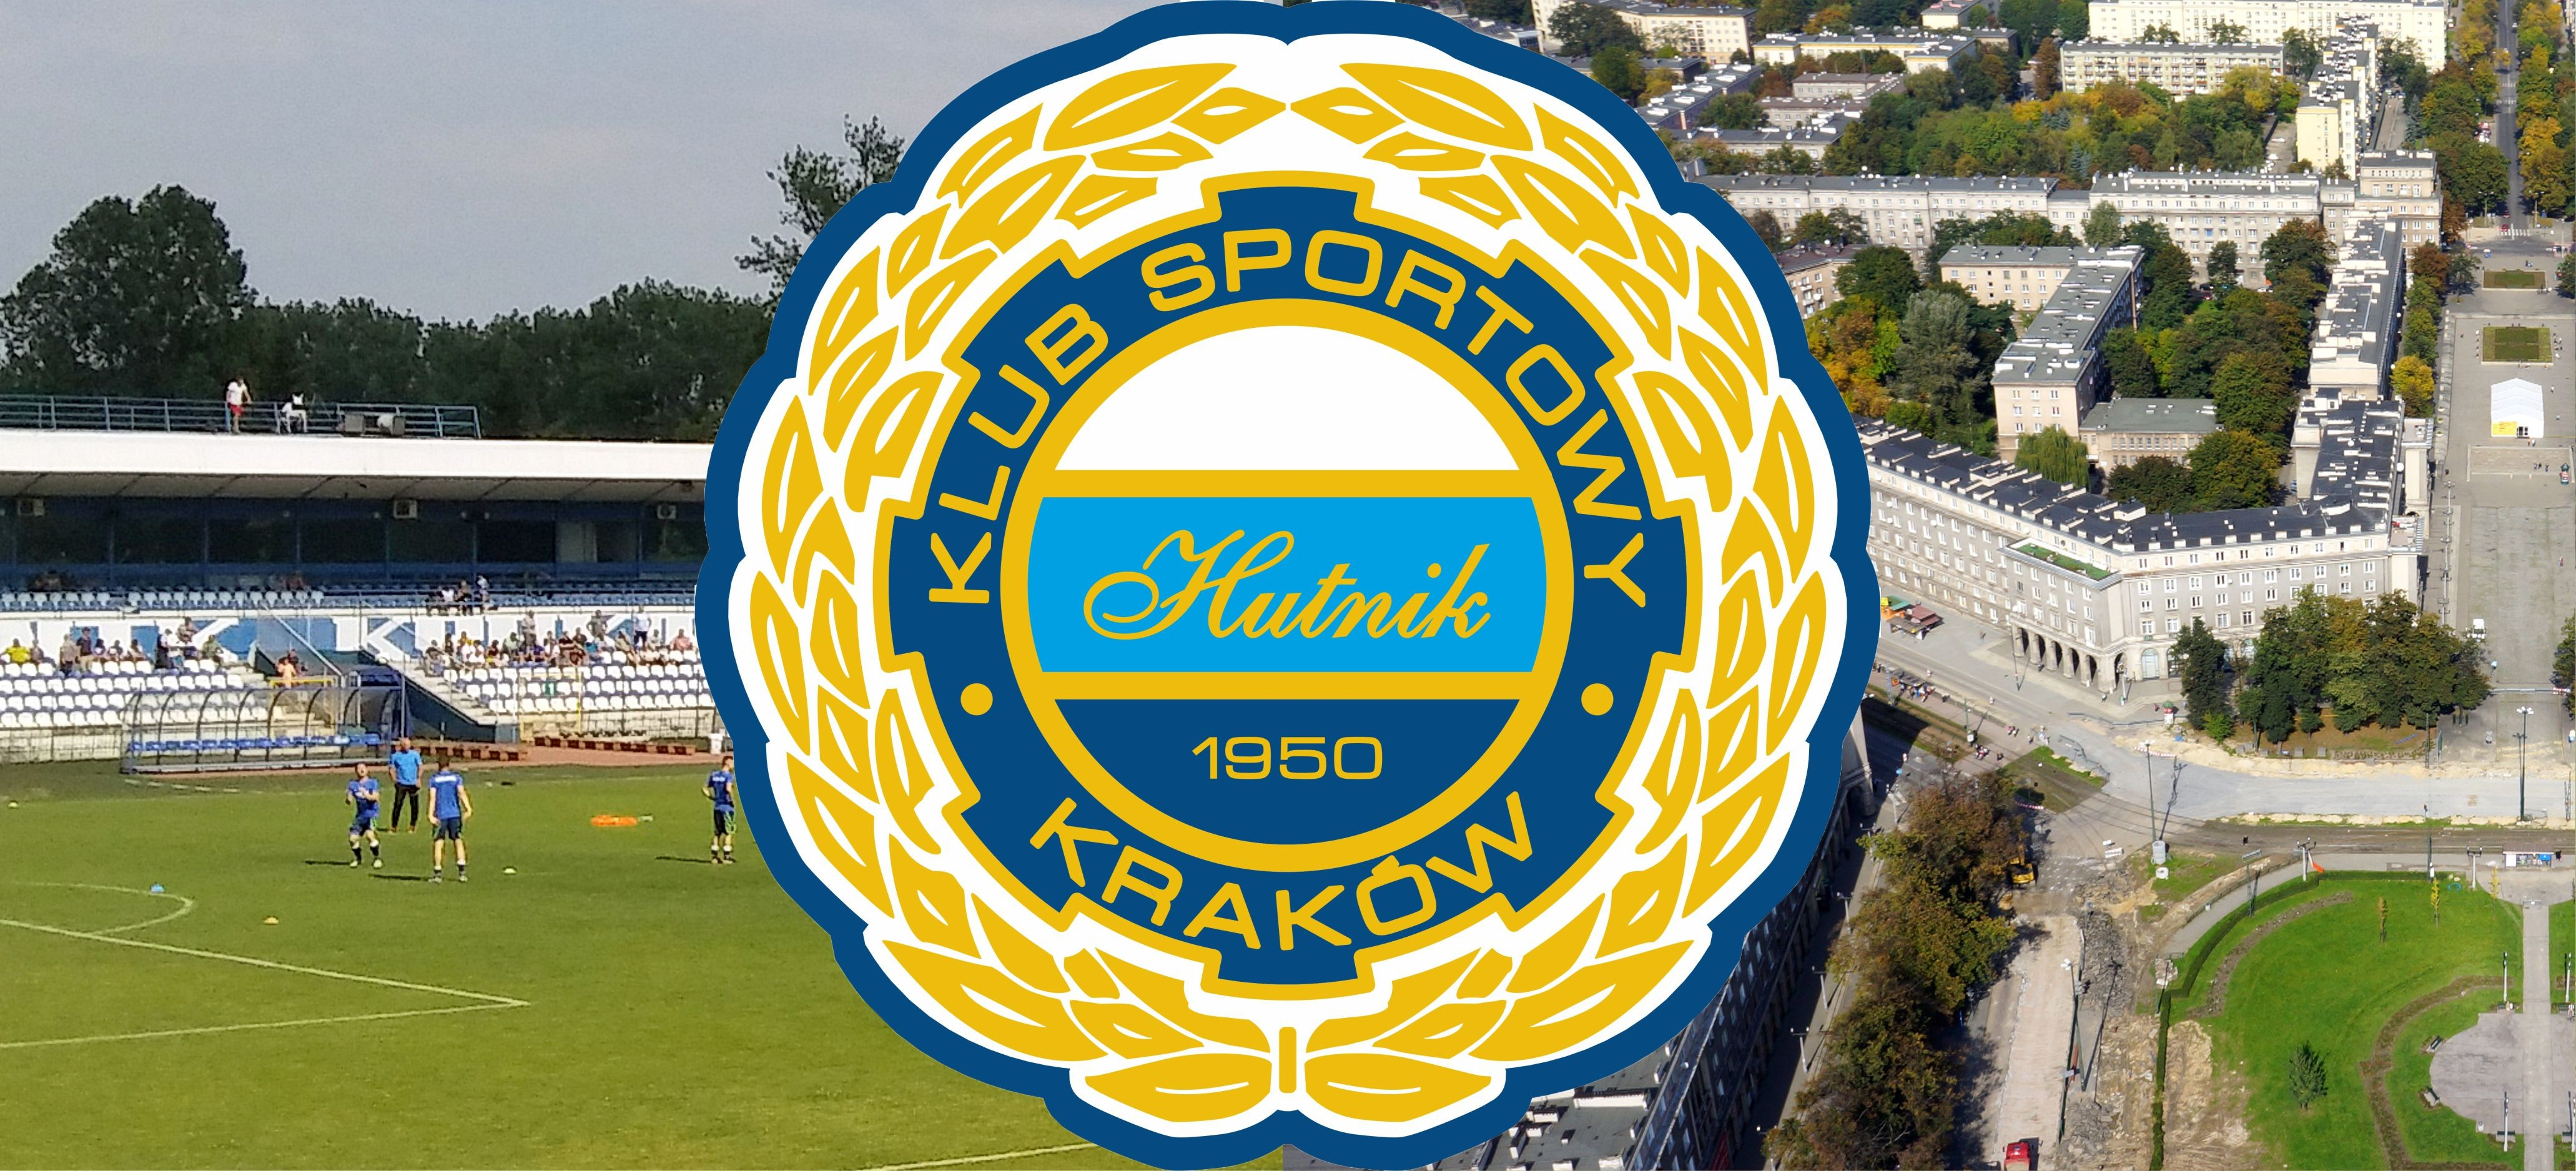 Hutnik Kraków: ambicje oparte na zdrowych fundamentach